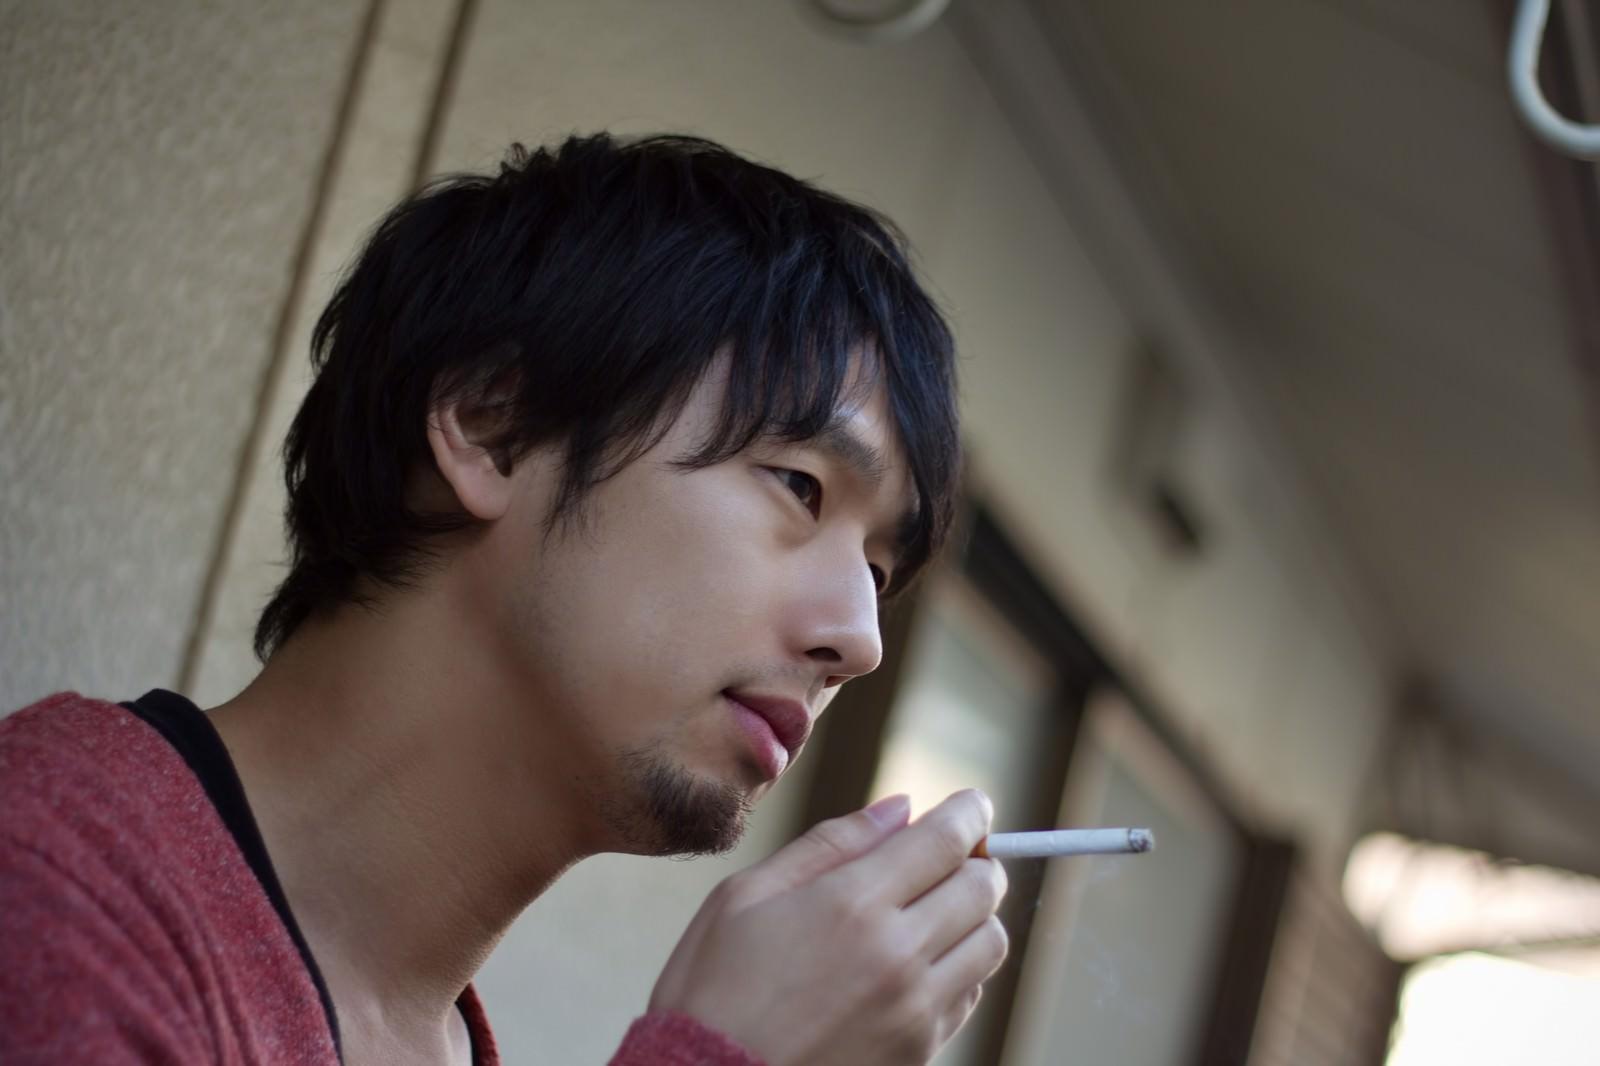 「ベランダで煙草を吸う男性ベランダで煙草を吸う男性」[モデル:大川竜弥]のフリー写真素材を拡大